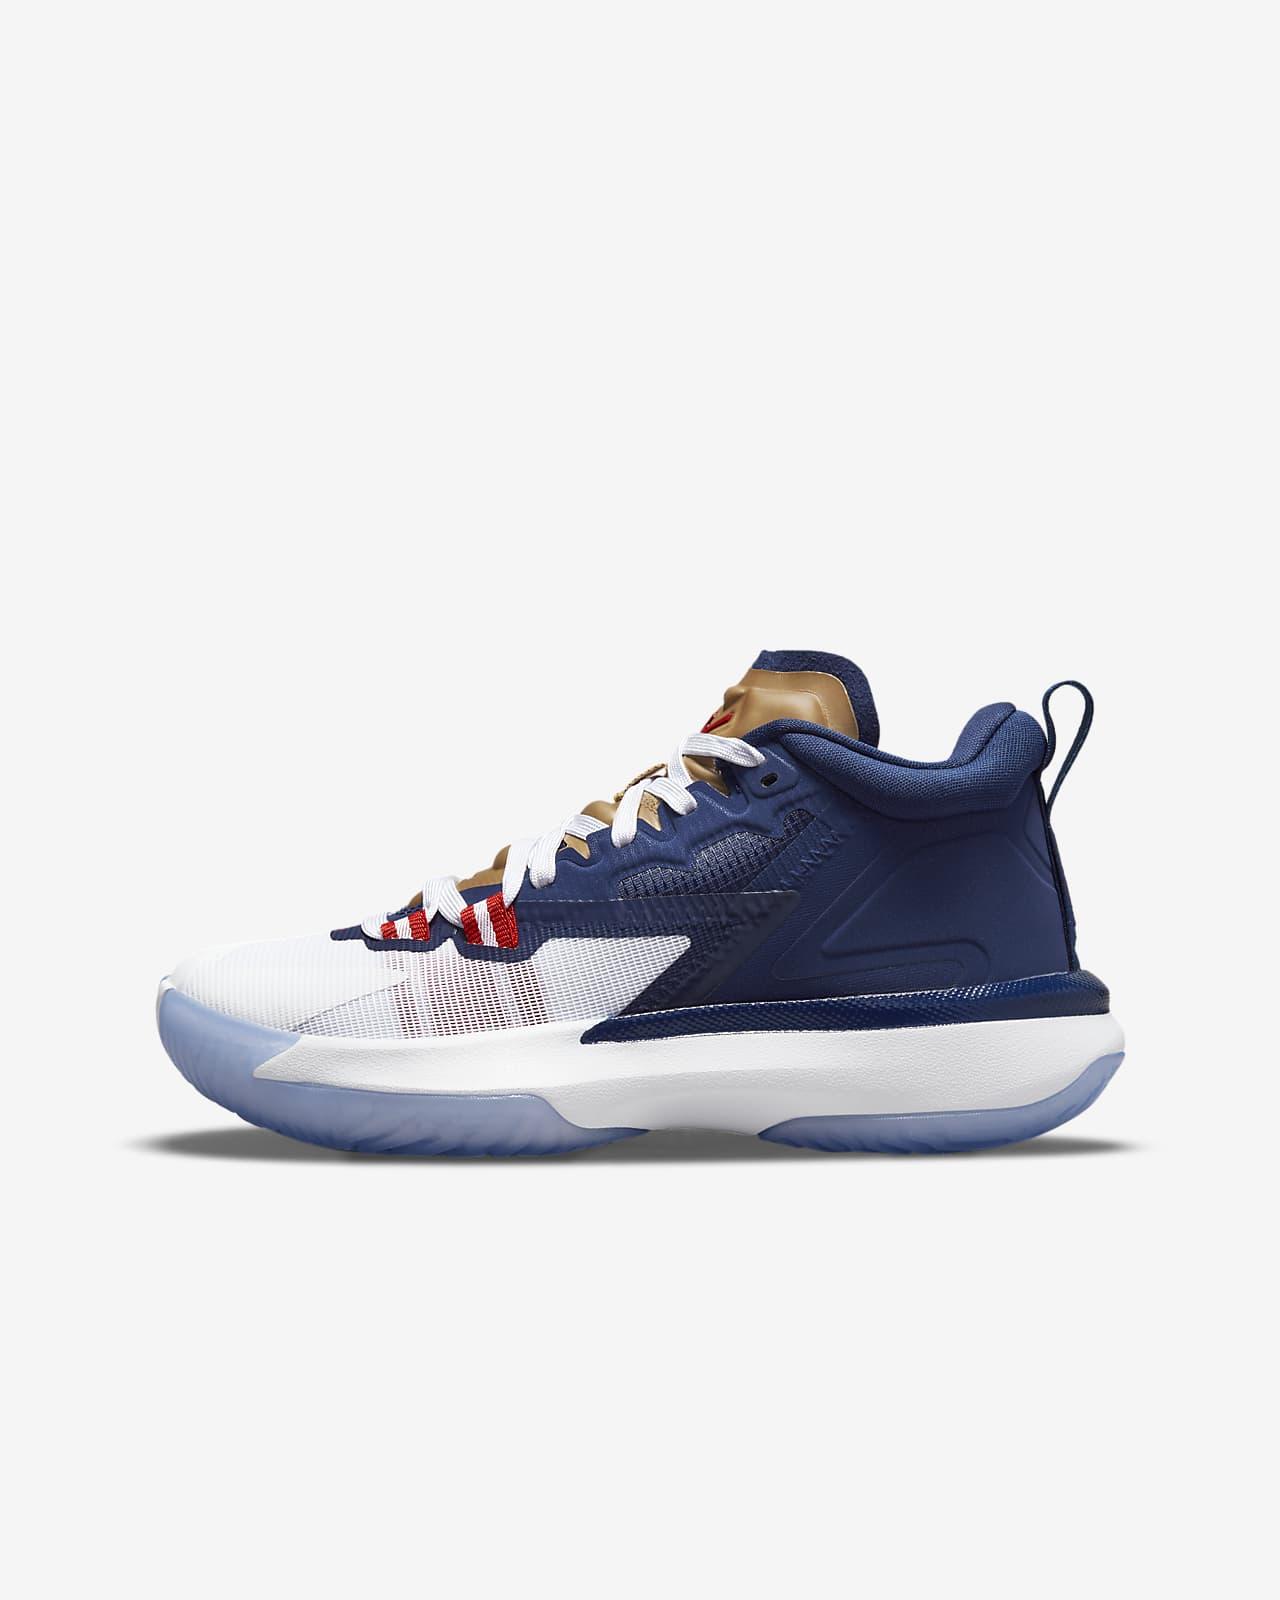 Zion 1 Schuh für ältere Kinder